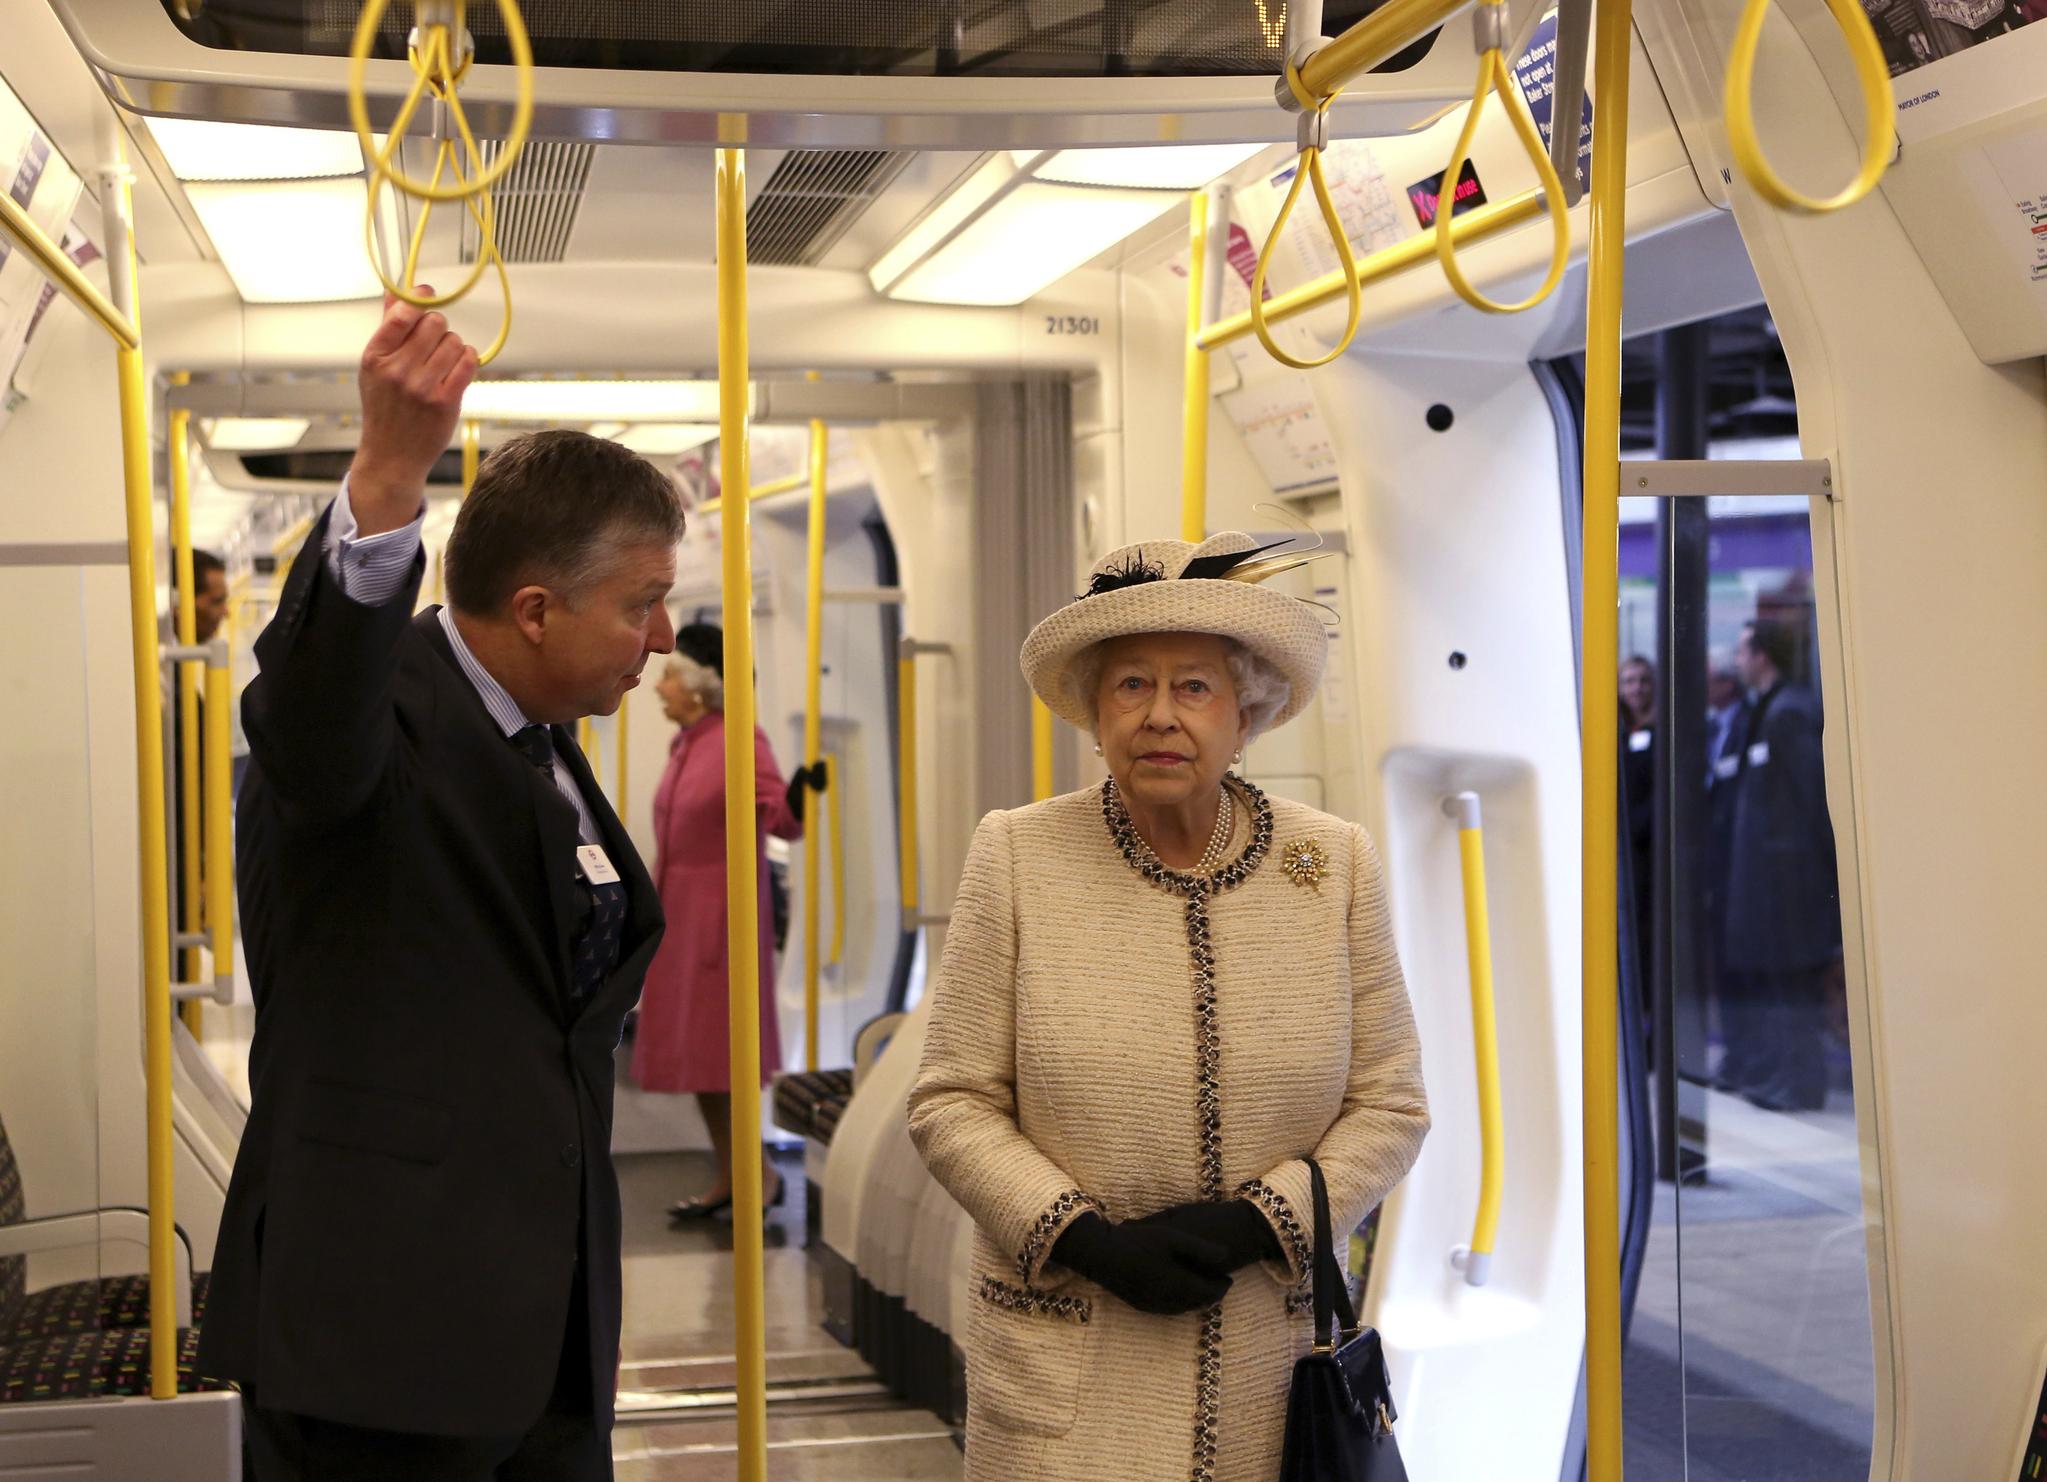 영국 여왕 엘리자베스 2세가 2013년 3월20일 런던 베이커 스트리트 지하역 150주년 기념행사를 위해 정차된 지하철에 탑승해 둘러보고 있다. [AP=연합뉴스]